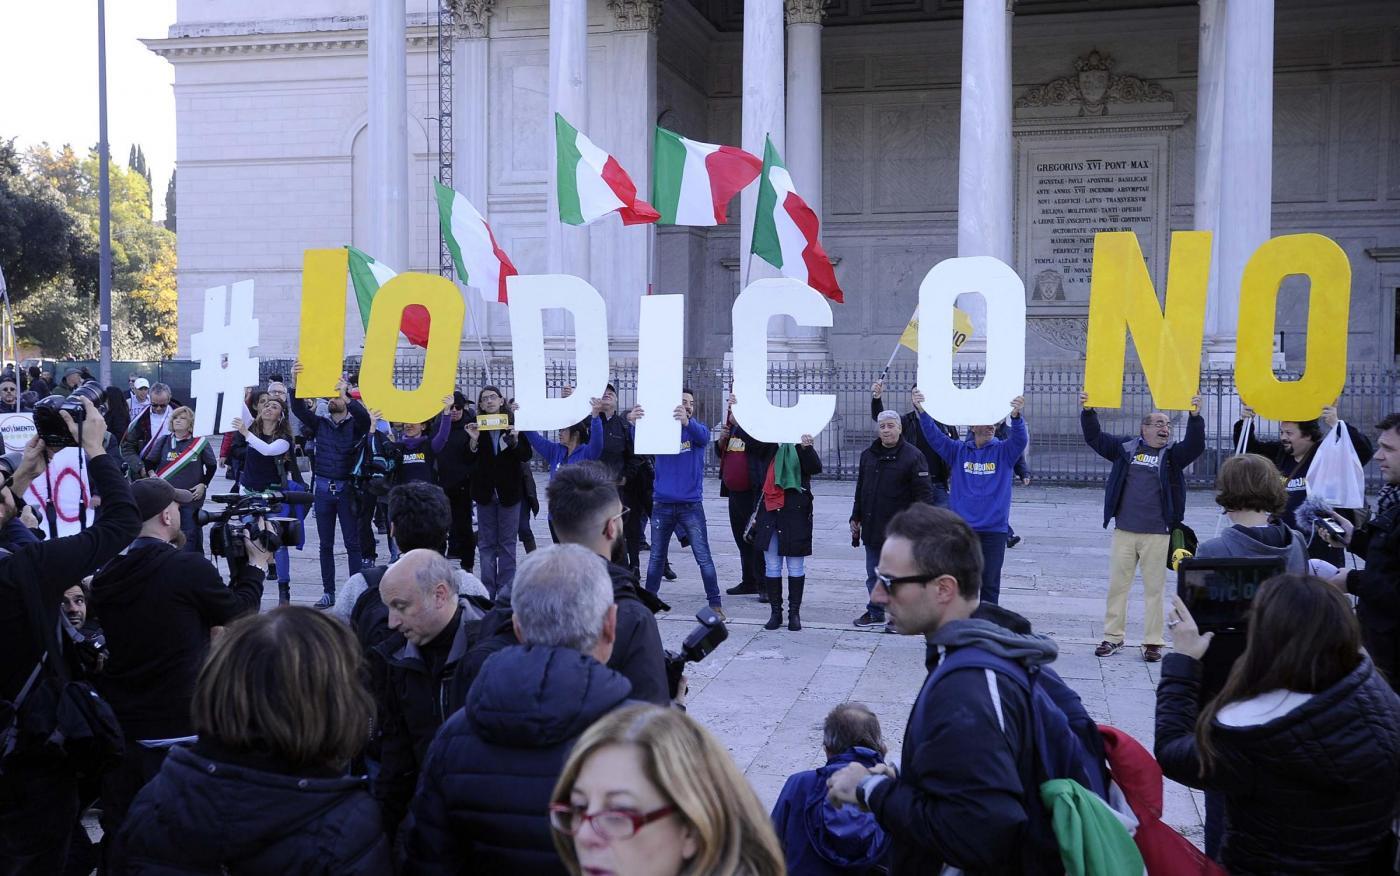 Cammino per la Costituzione a Roma del Movimento 5 Stelle